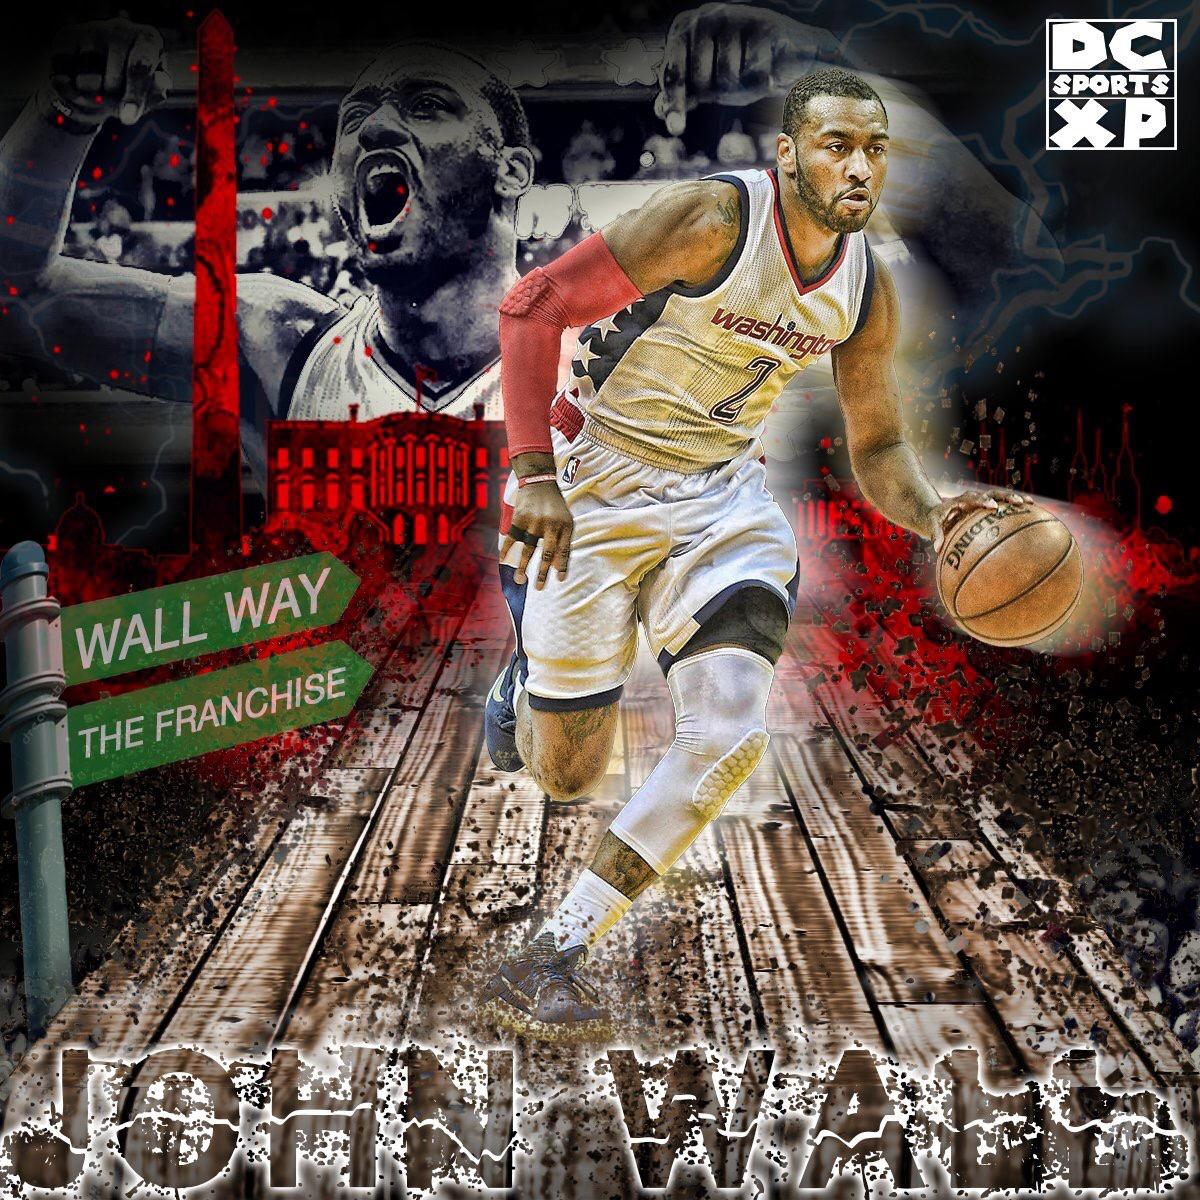 JohnWalllll